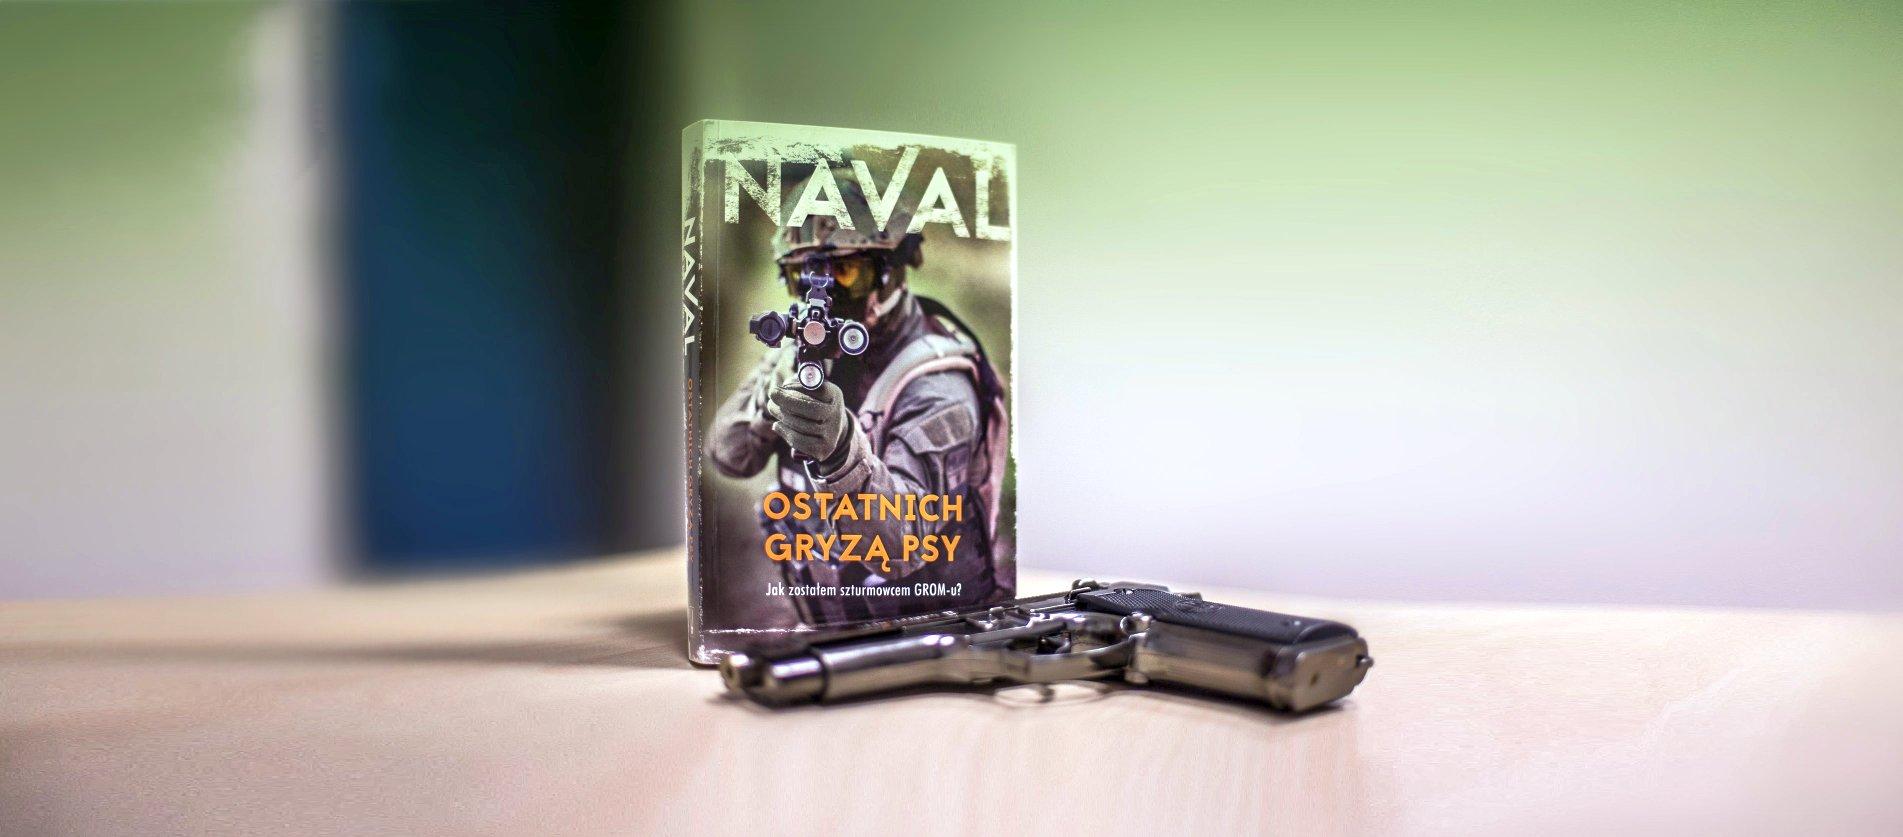 """Naval – """"Ostatnich gryzą psy"""". Premiera książki. VIDEO"""